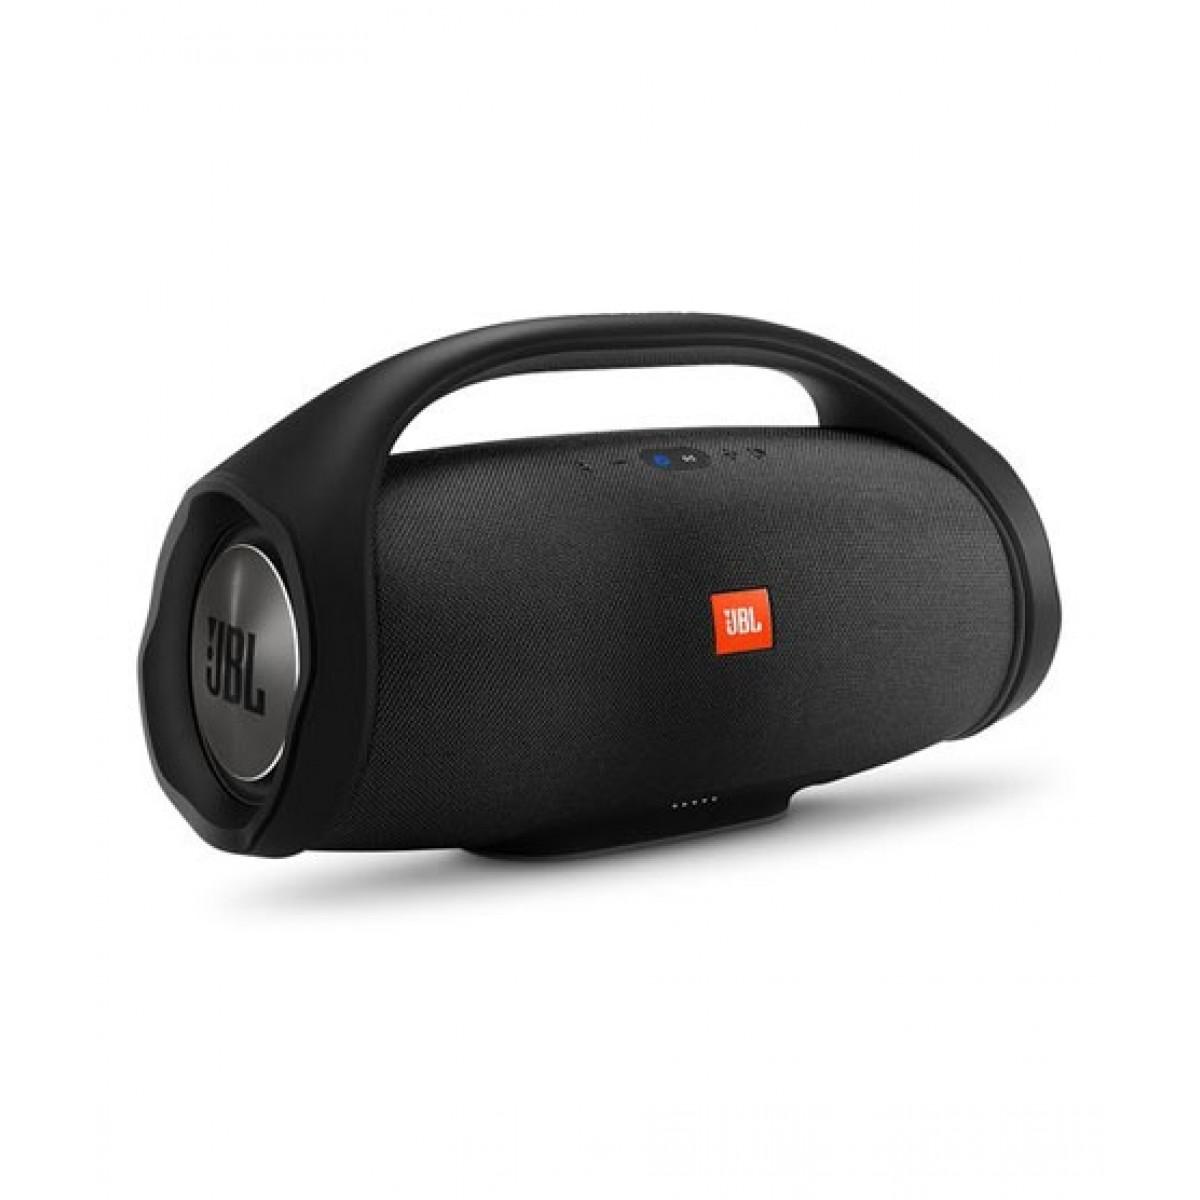 Jbl Boombox Wireless Speaker Price In Pakistan Buy Jbl Boombox Portable Waterproof Speaker Black Ishopping Pk